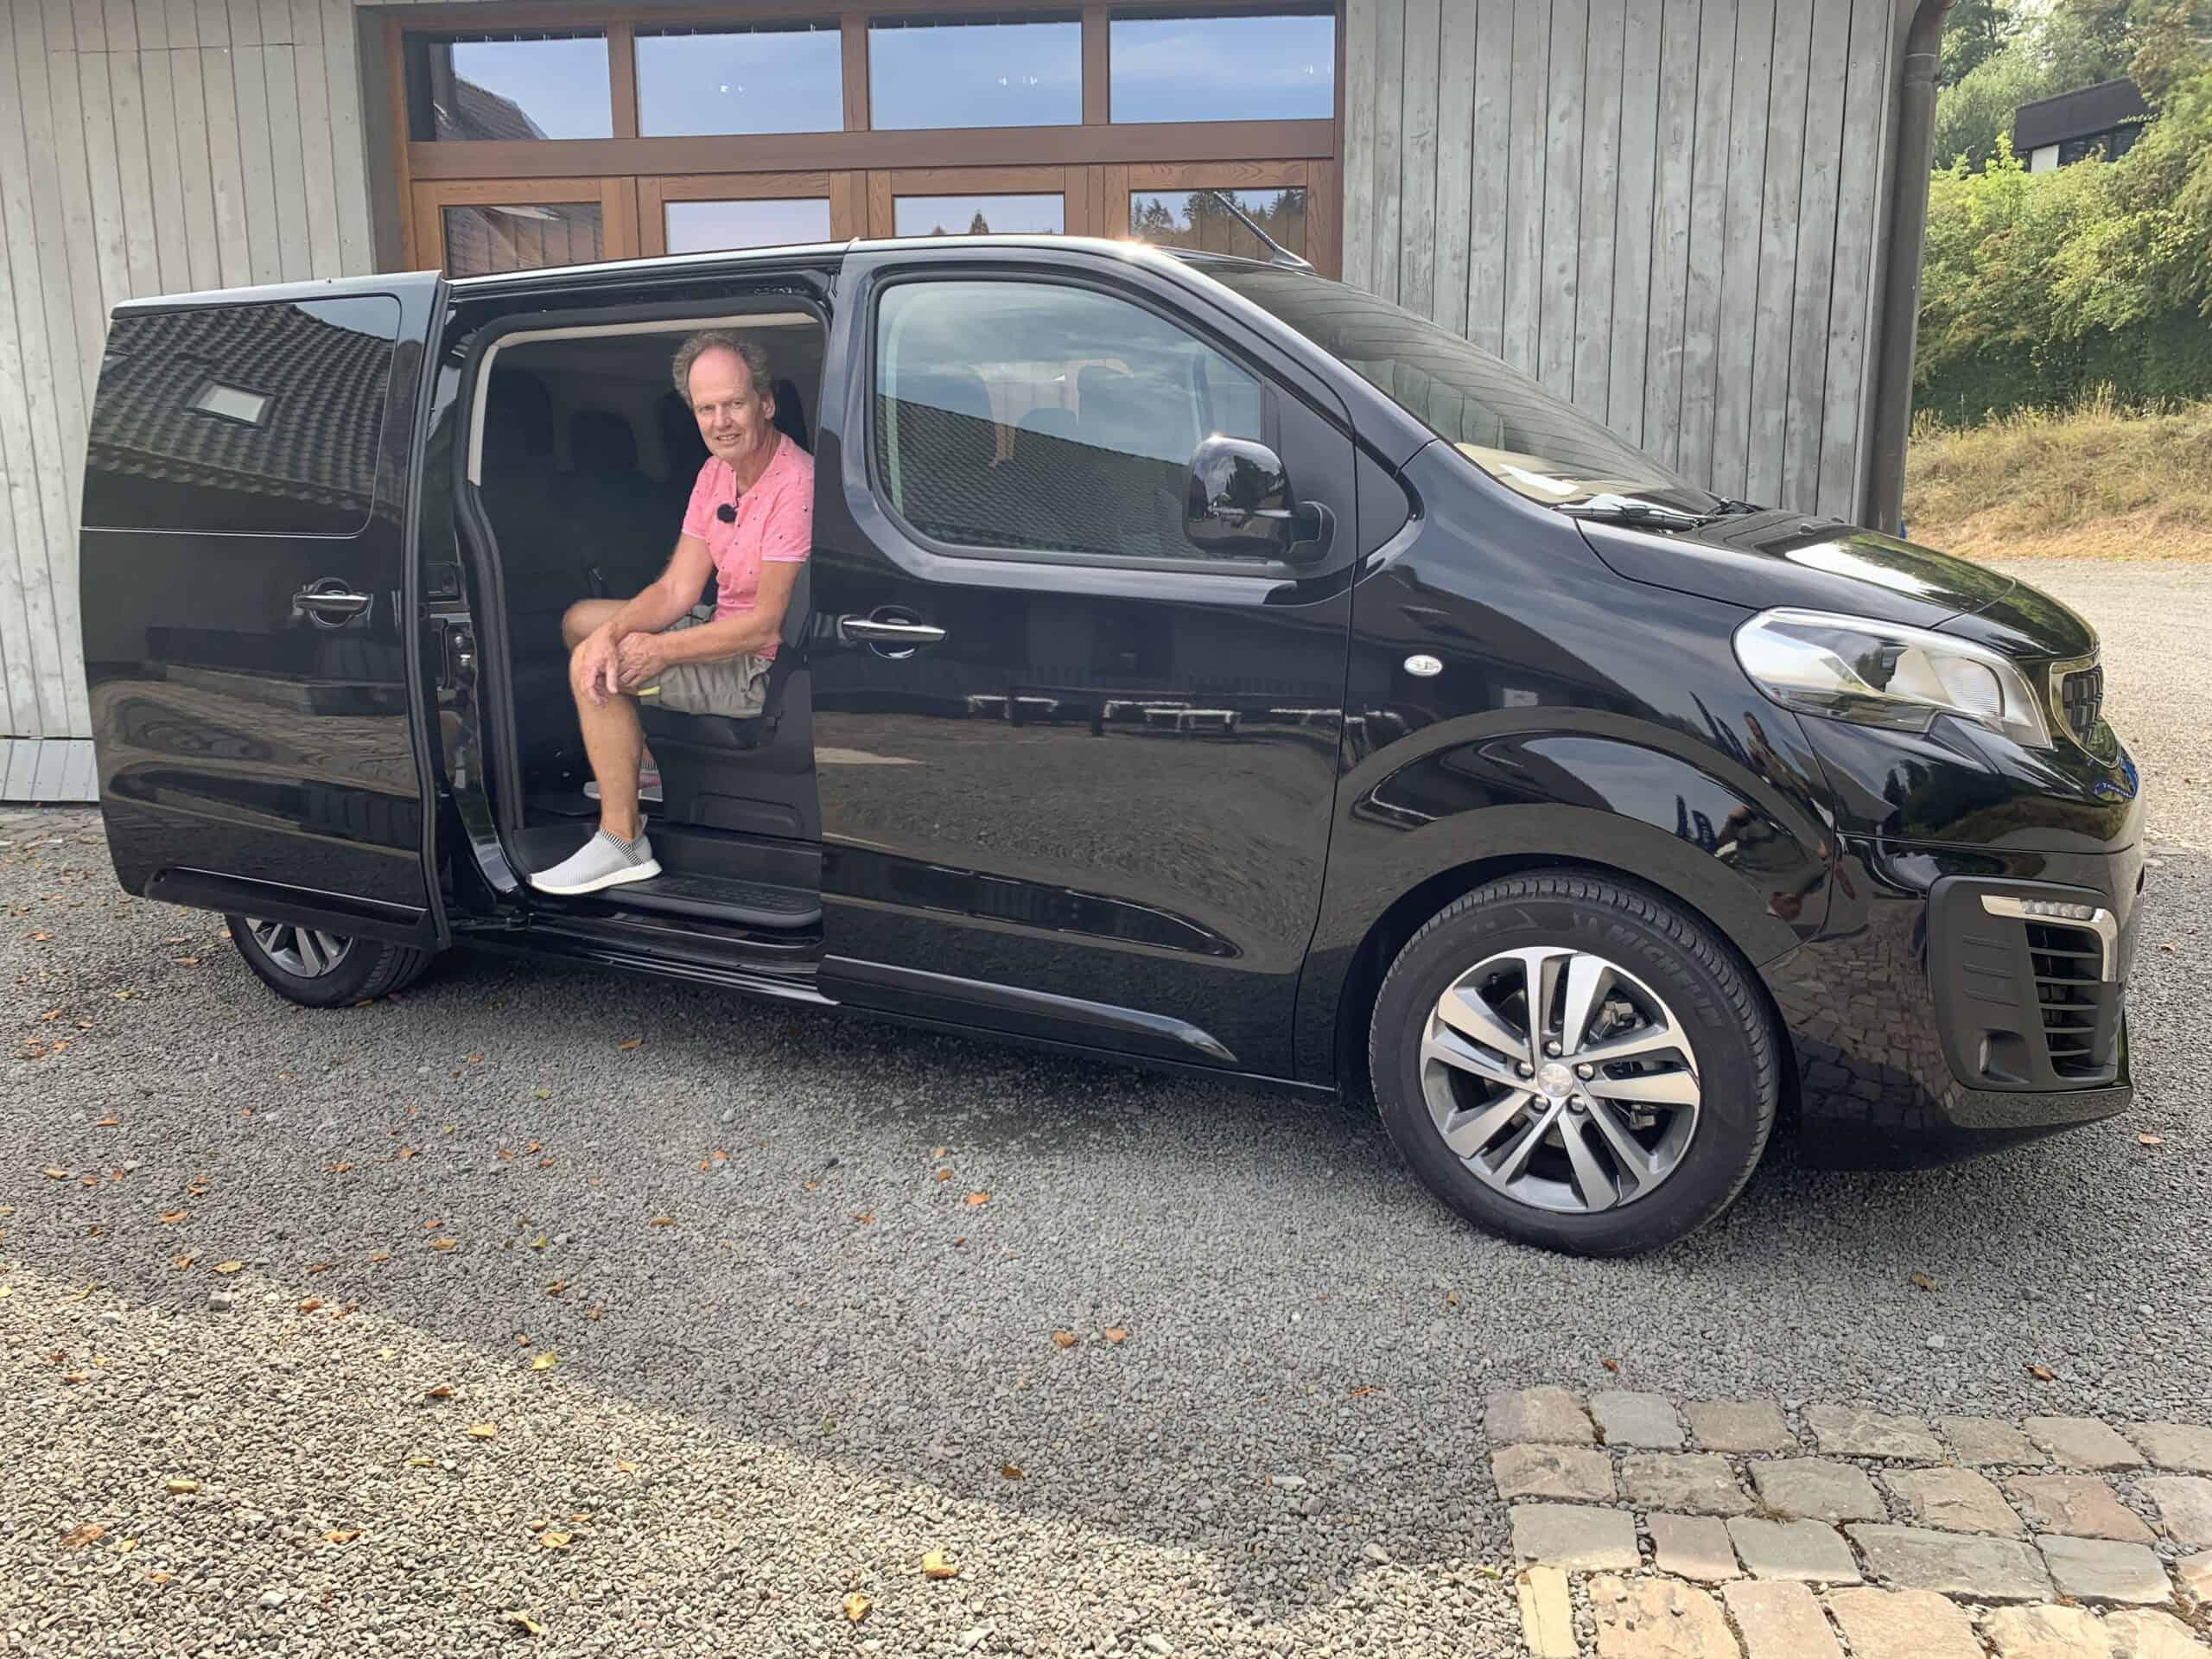 Peugeot e-Traveller (136 PS) - Neuer Elektro-Van mit 330 km Reichweite